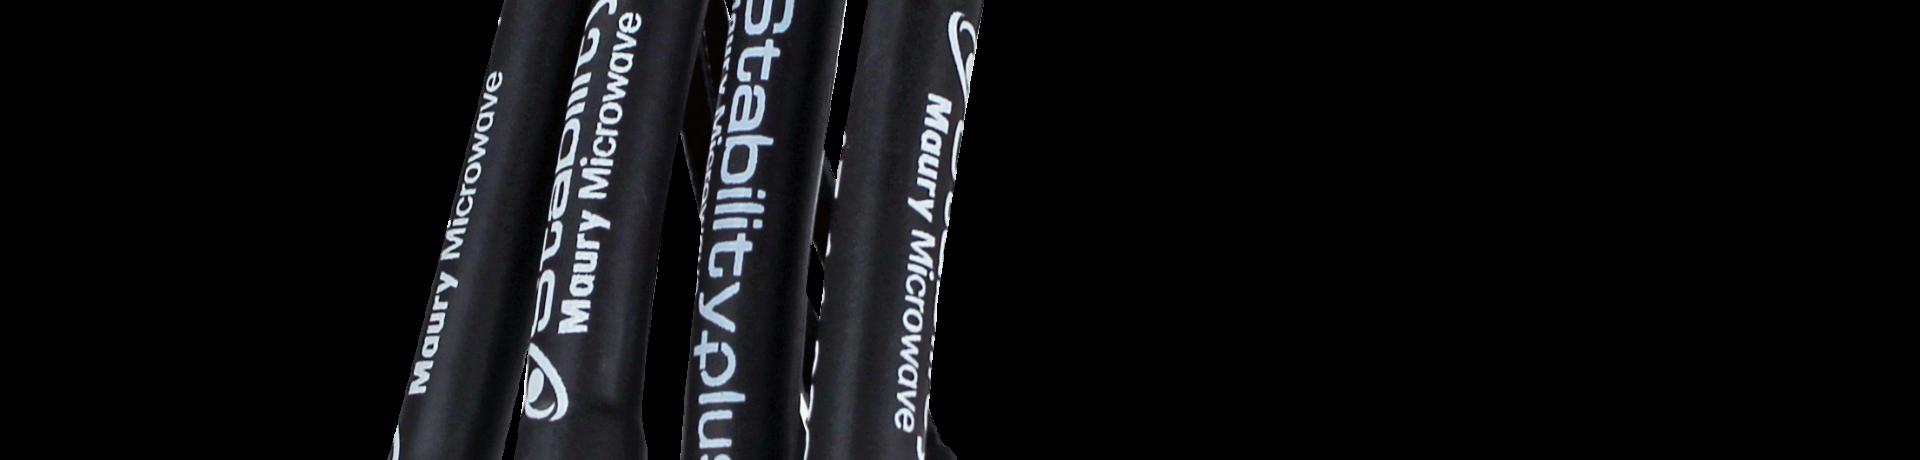 Image Câbles Maury Stability Plus, la meilleure stabilité pour vos calibrations